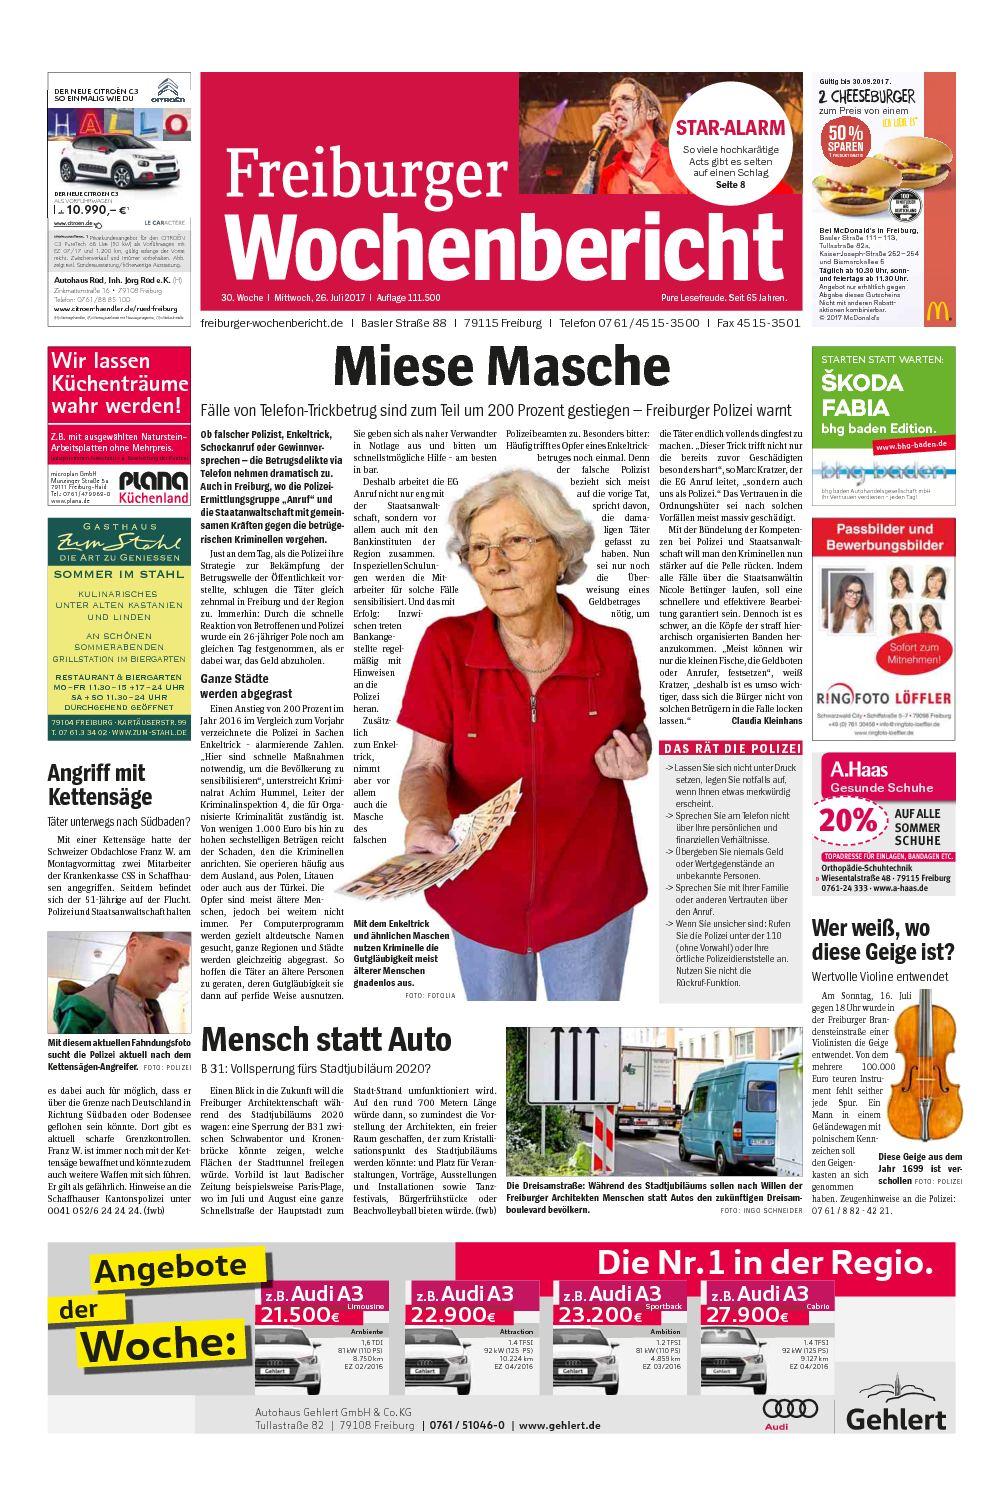 Dynamisch Wochenbett Tee Feinschmecker Aktion 2 Packungen Zum Preis Von Einer